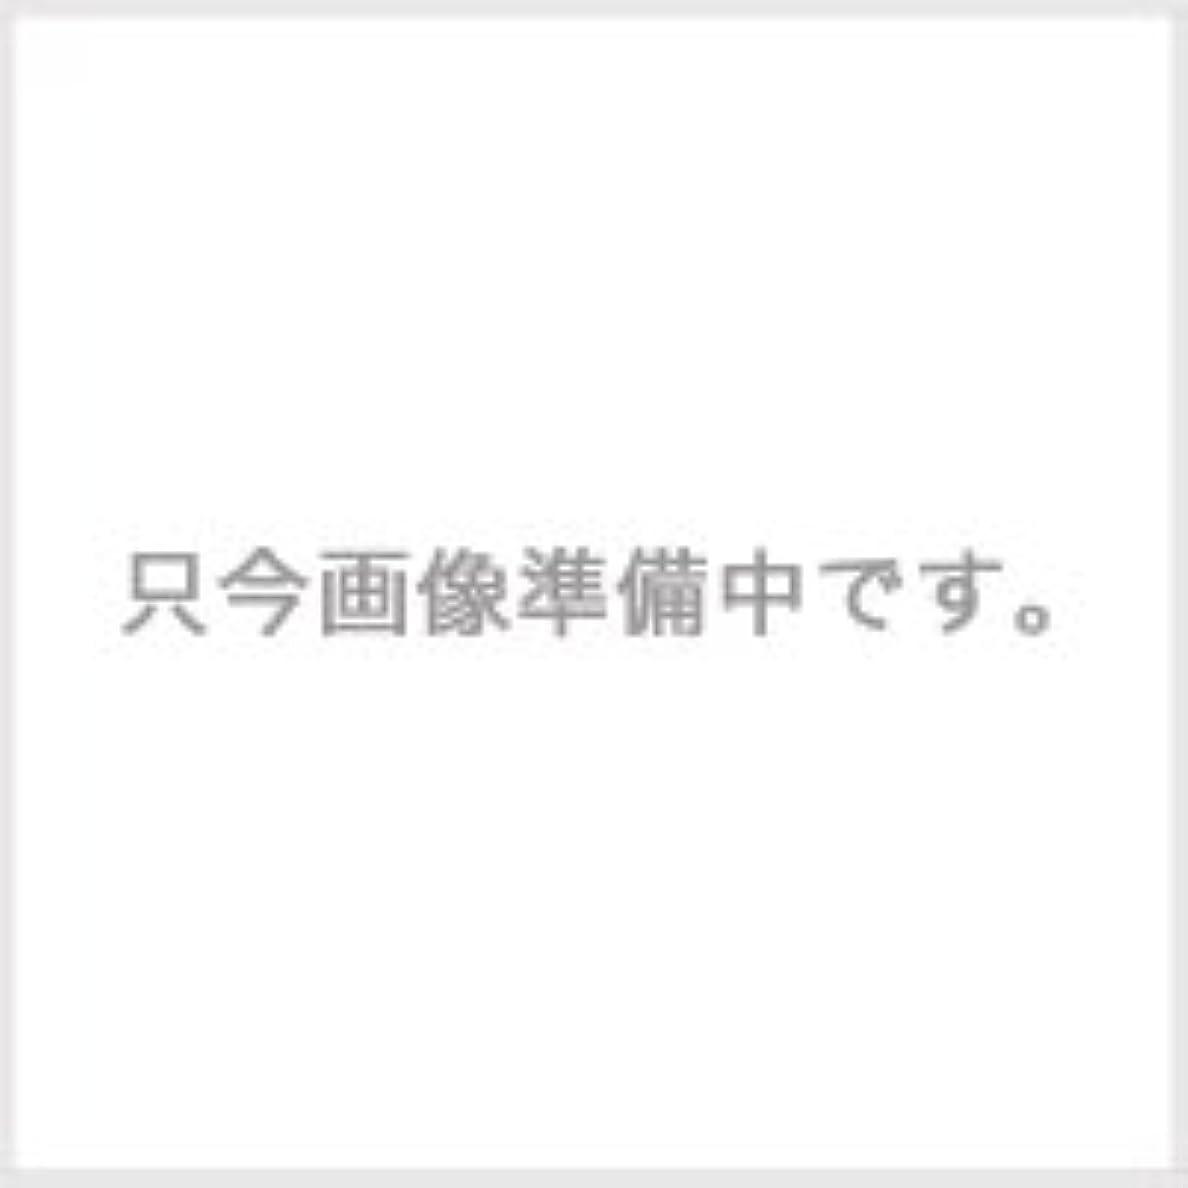 みすぼらしいパテ好意的コタ スタイリング SH スーパーハードジェル 100g